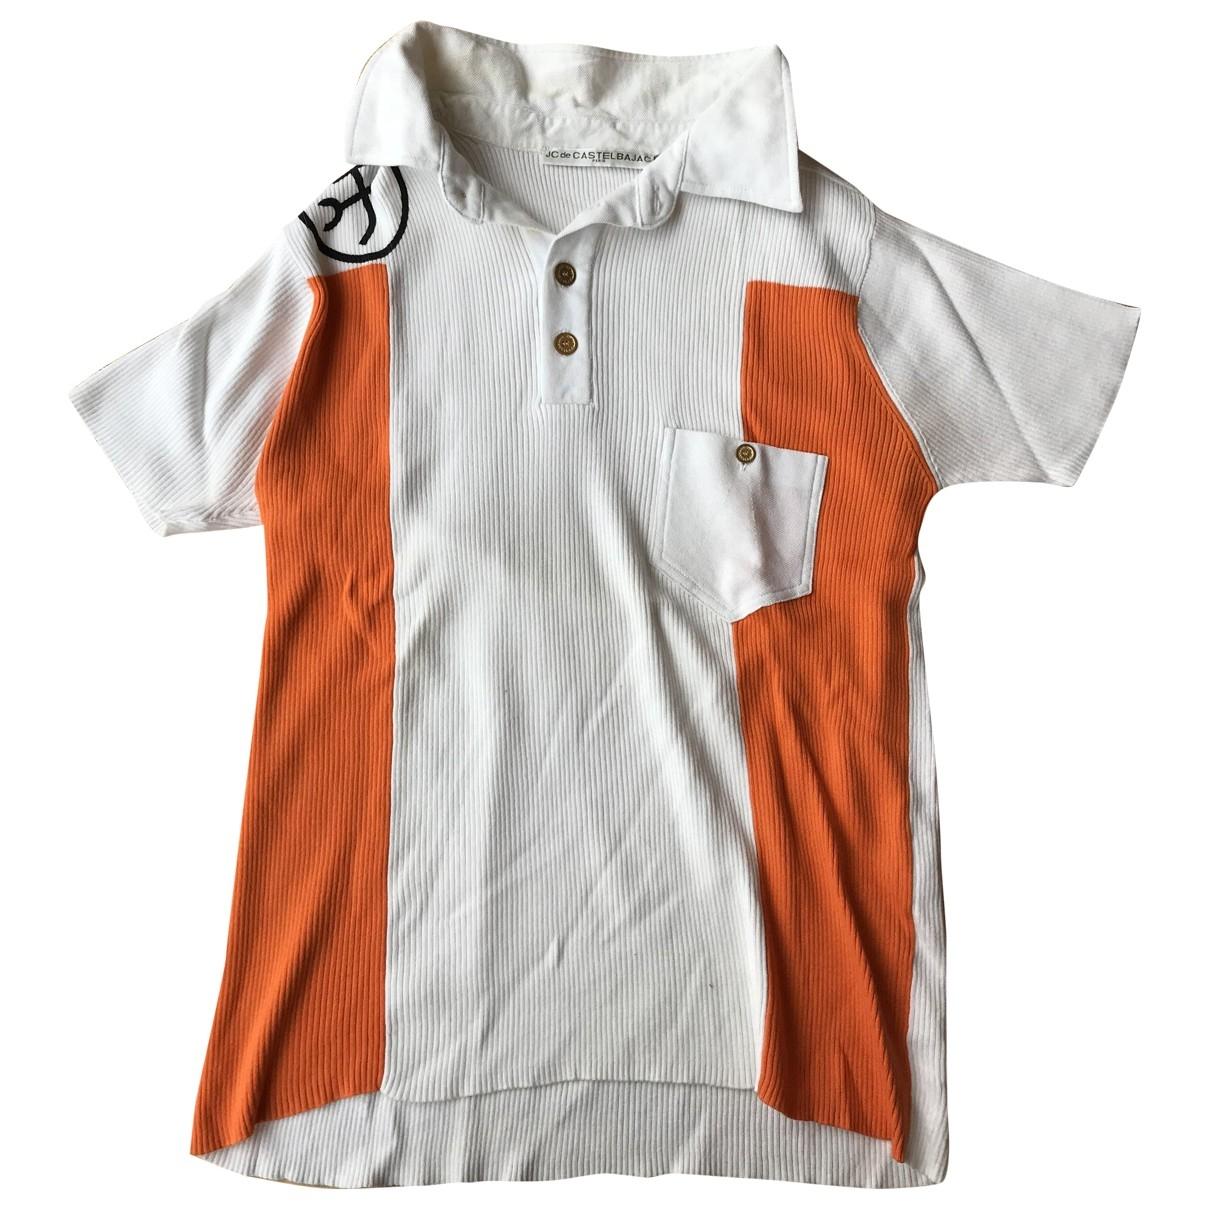 Jc De Castelbajac \N Poloshirts in  Weiss Baumwolle